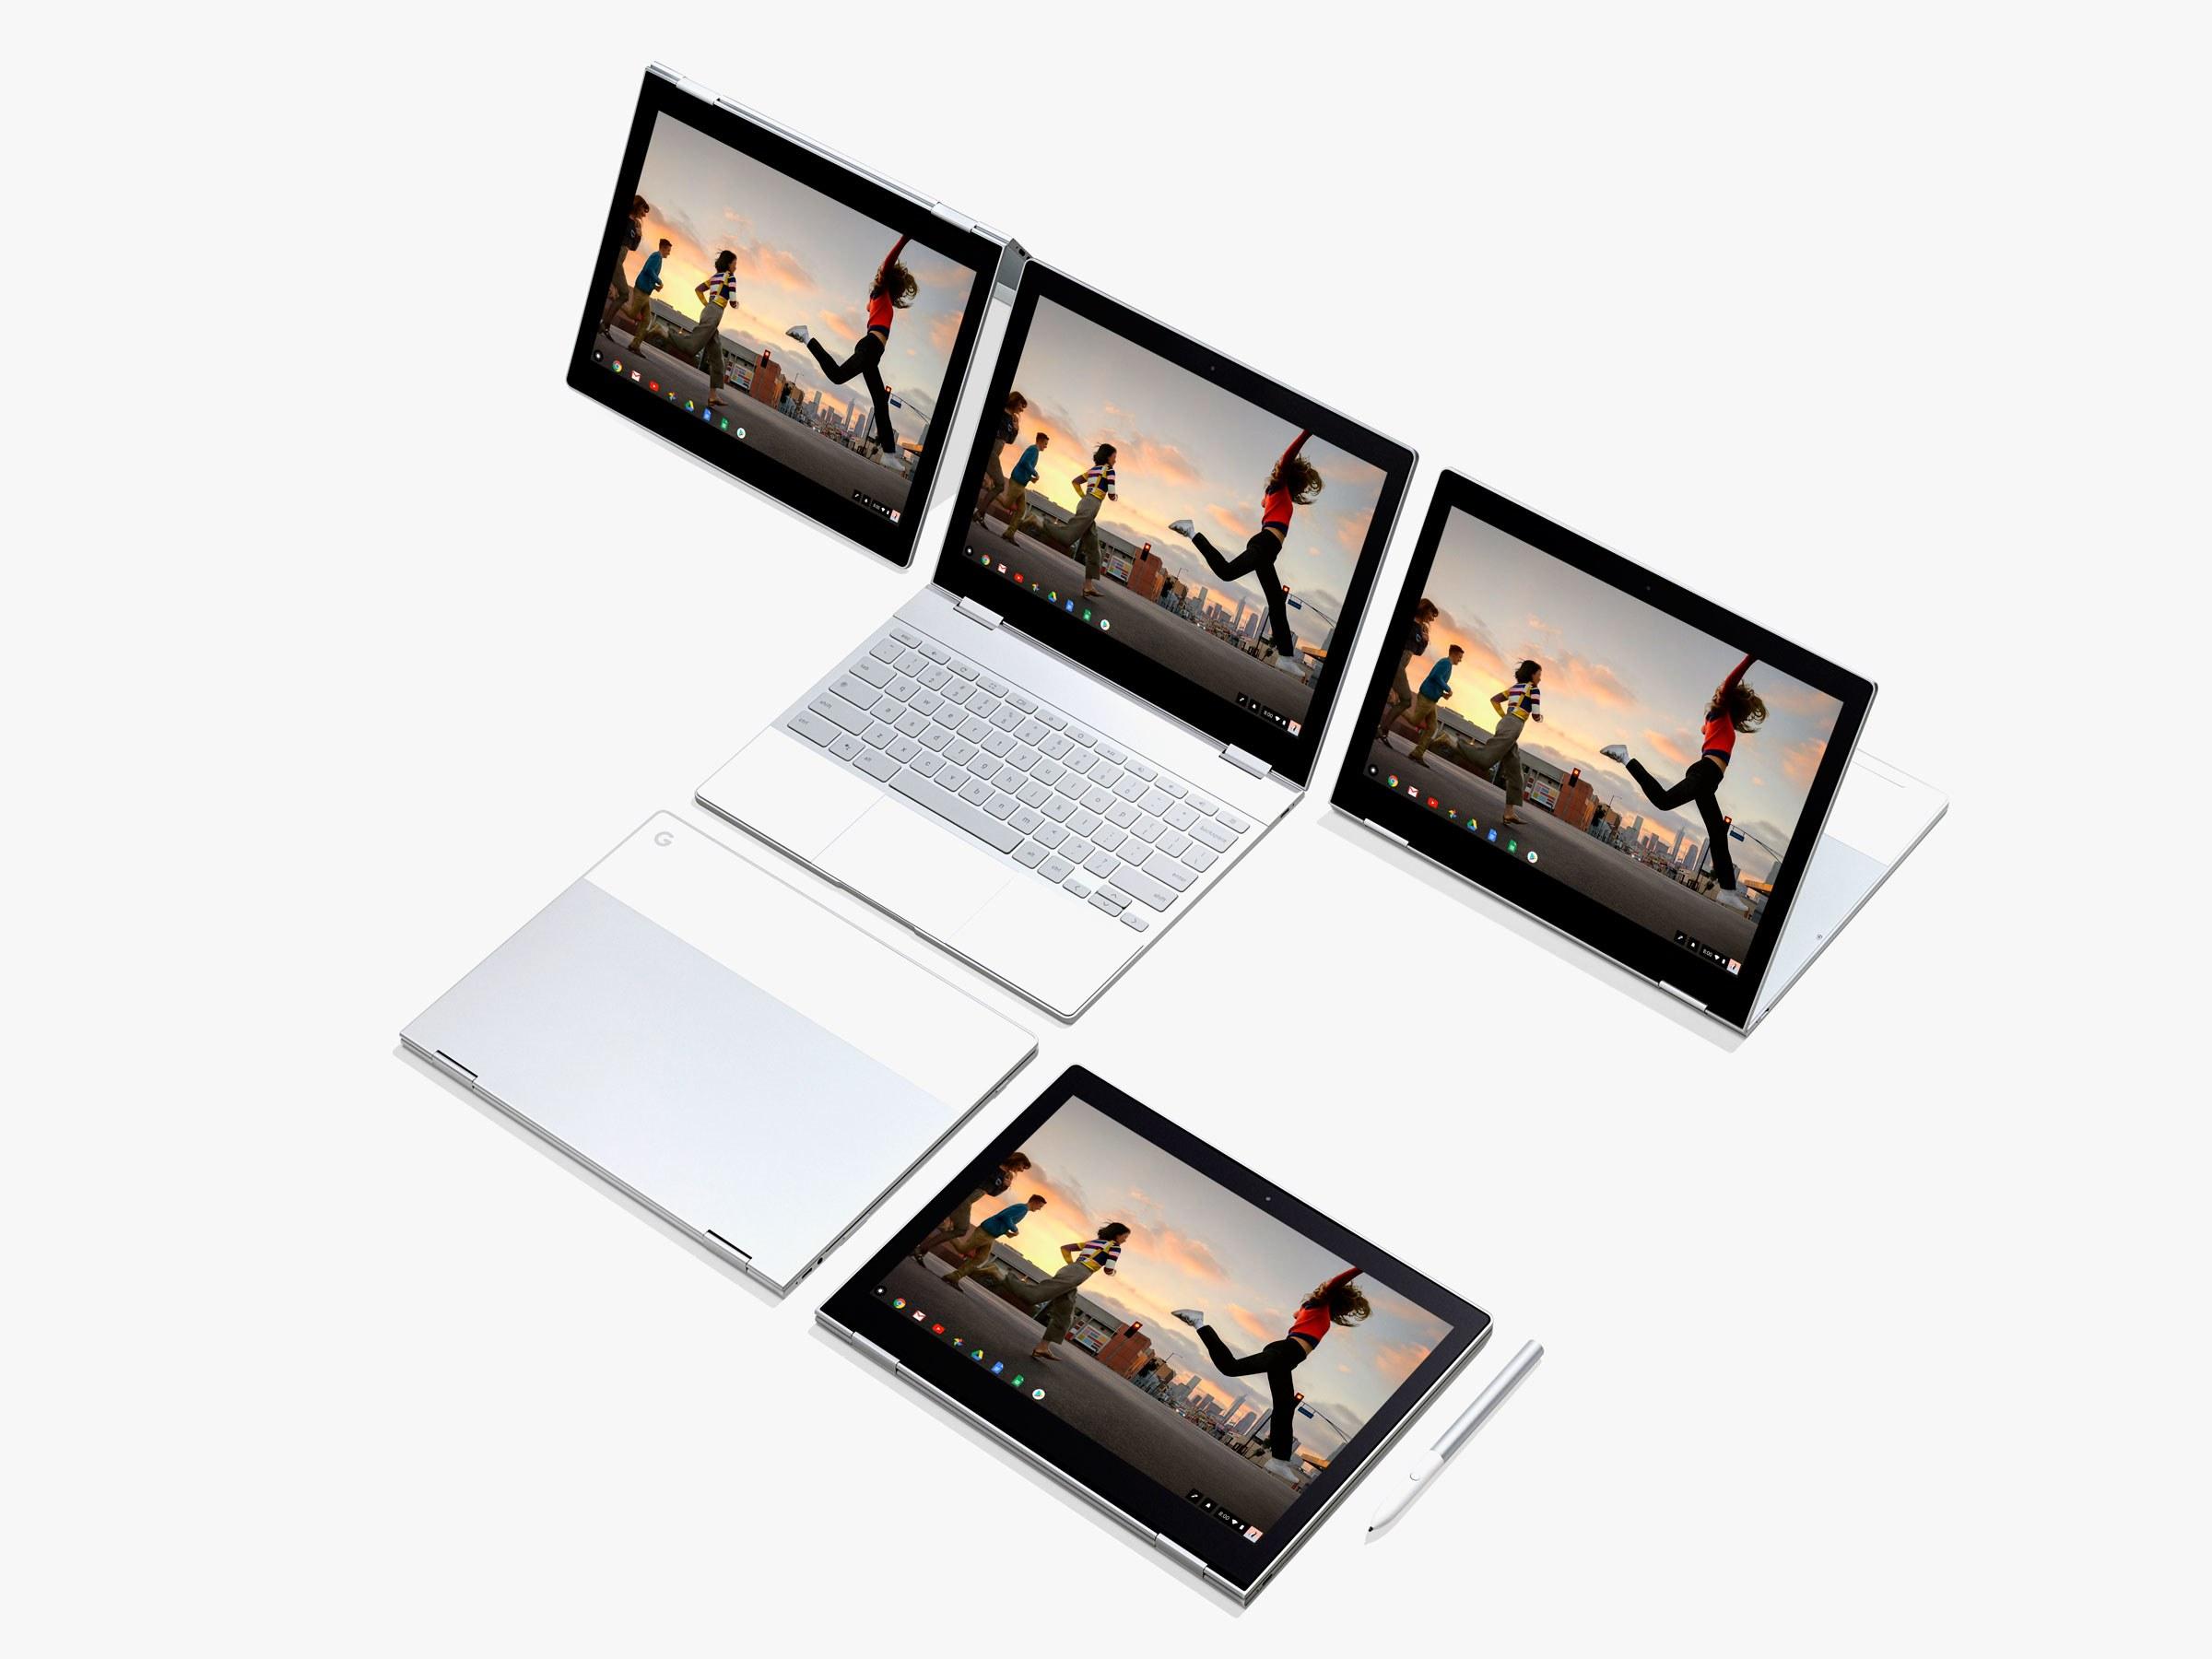 Google conferma l'uscita dal mercato dei tablet